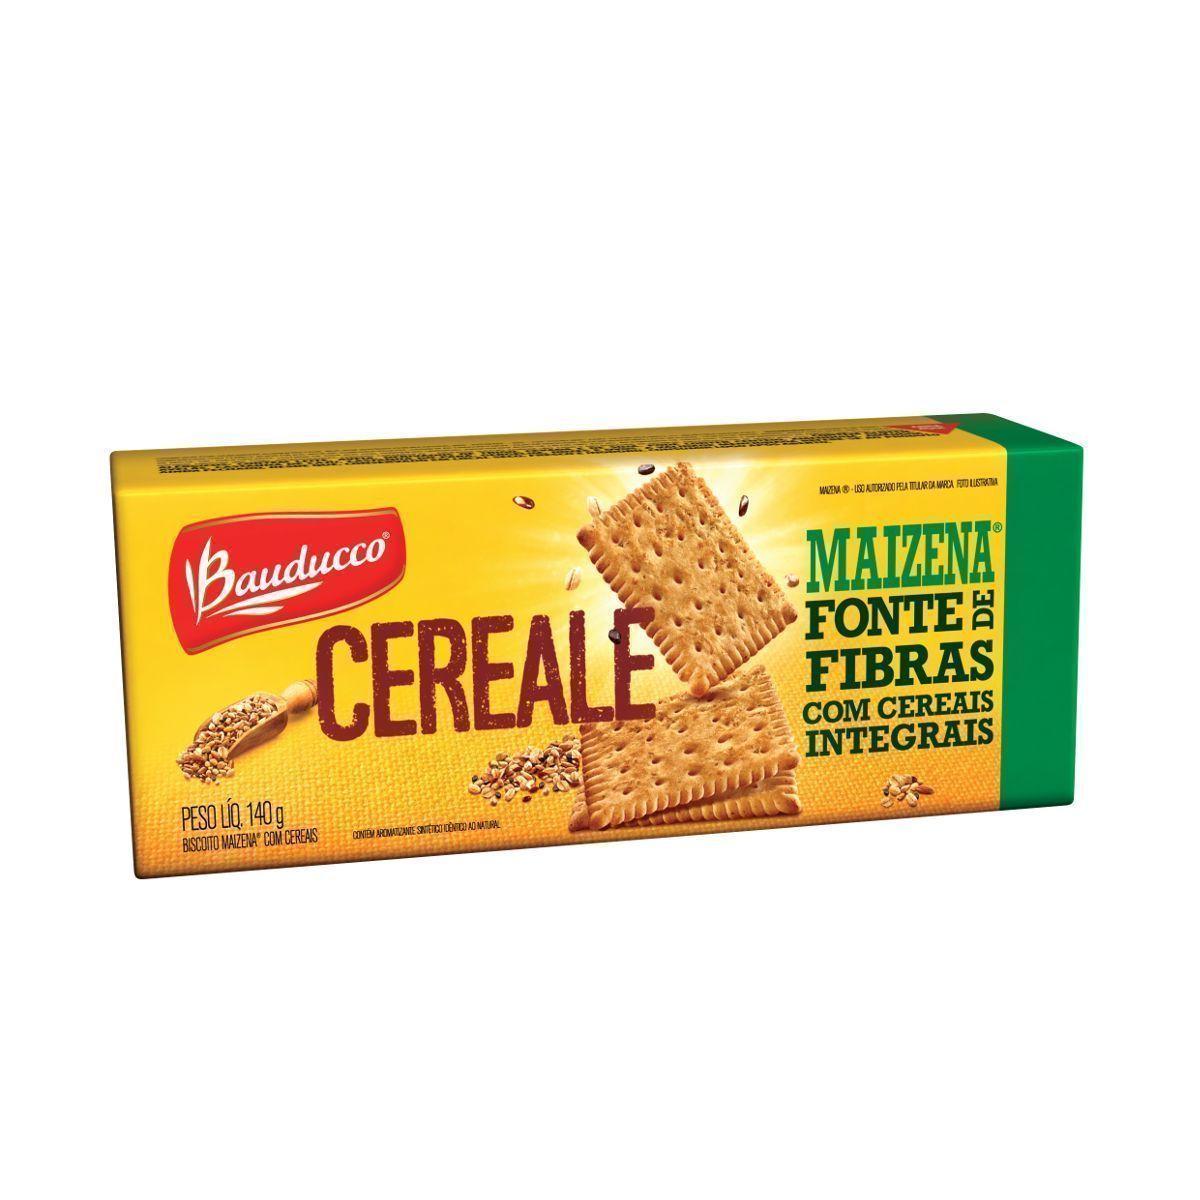 Biscoito Cereale Maizena c/ fibras integrais Bauducco 140g